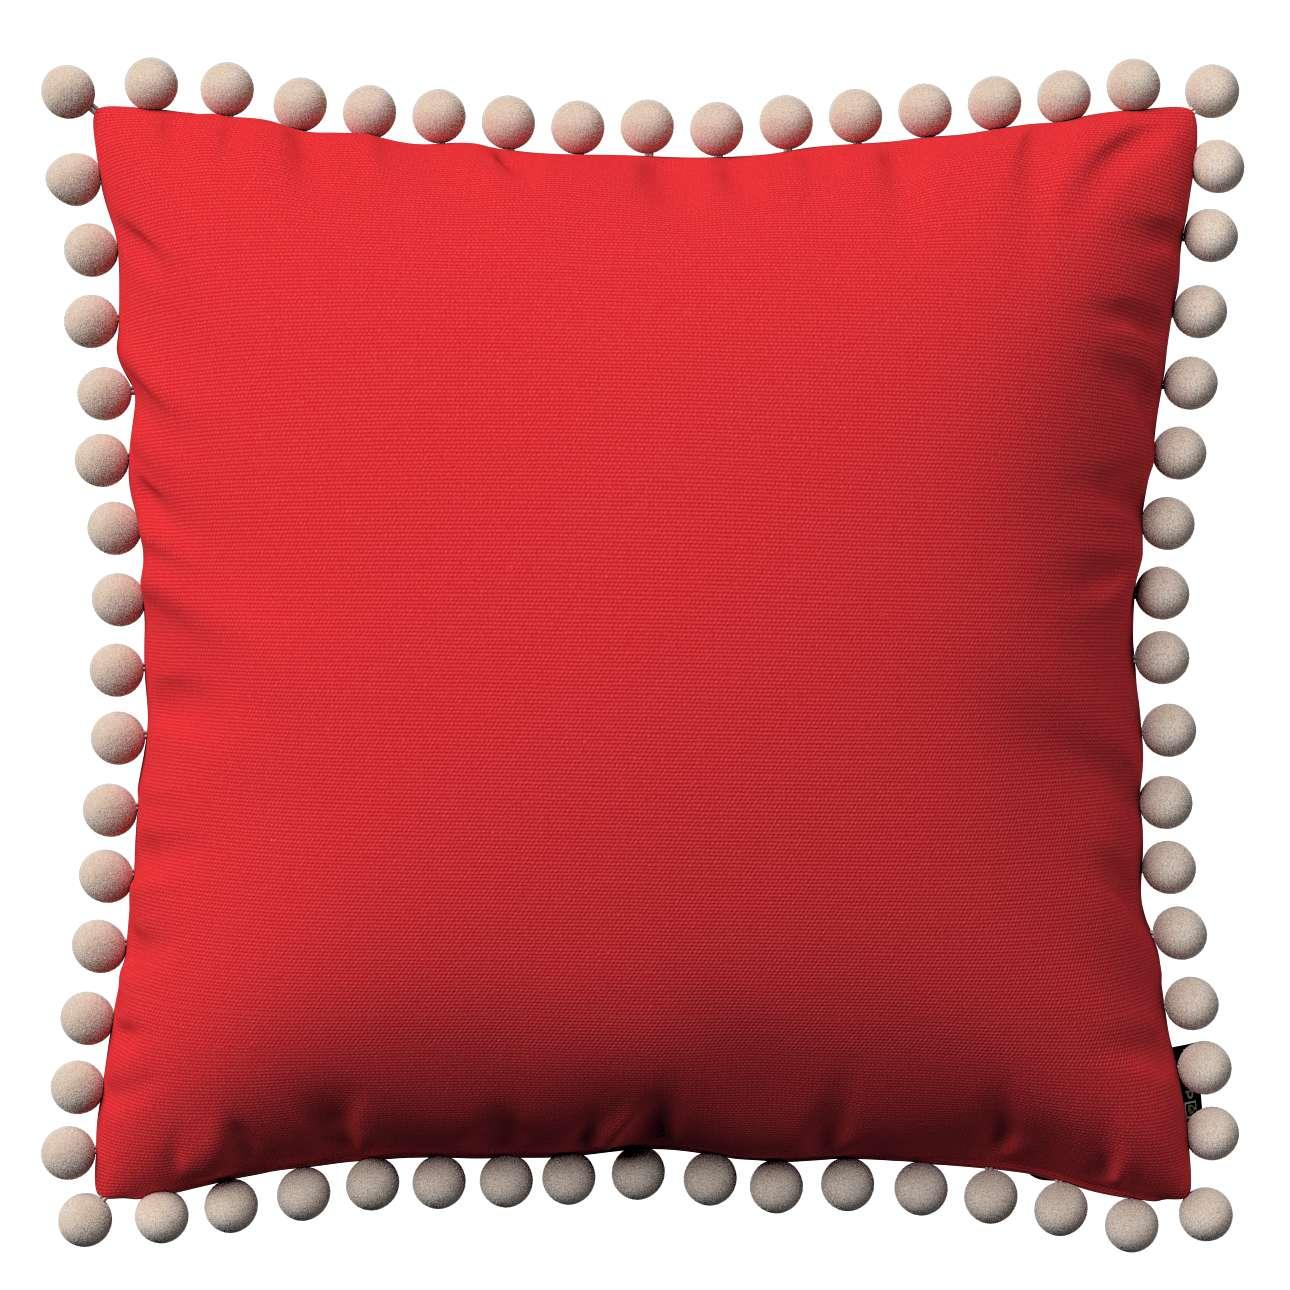 Wera dekoratyvinės pagalvėlės su žaismingais kraštais 45 x 45 cm kolekcijoje Loneta , audinys: 133-43